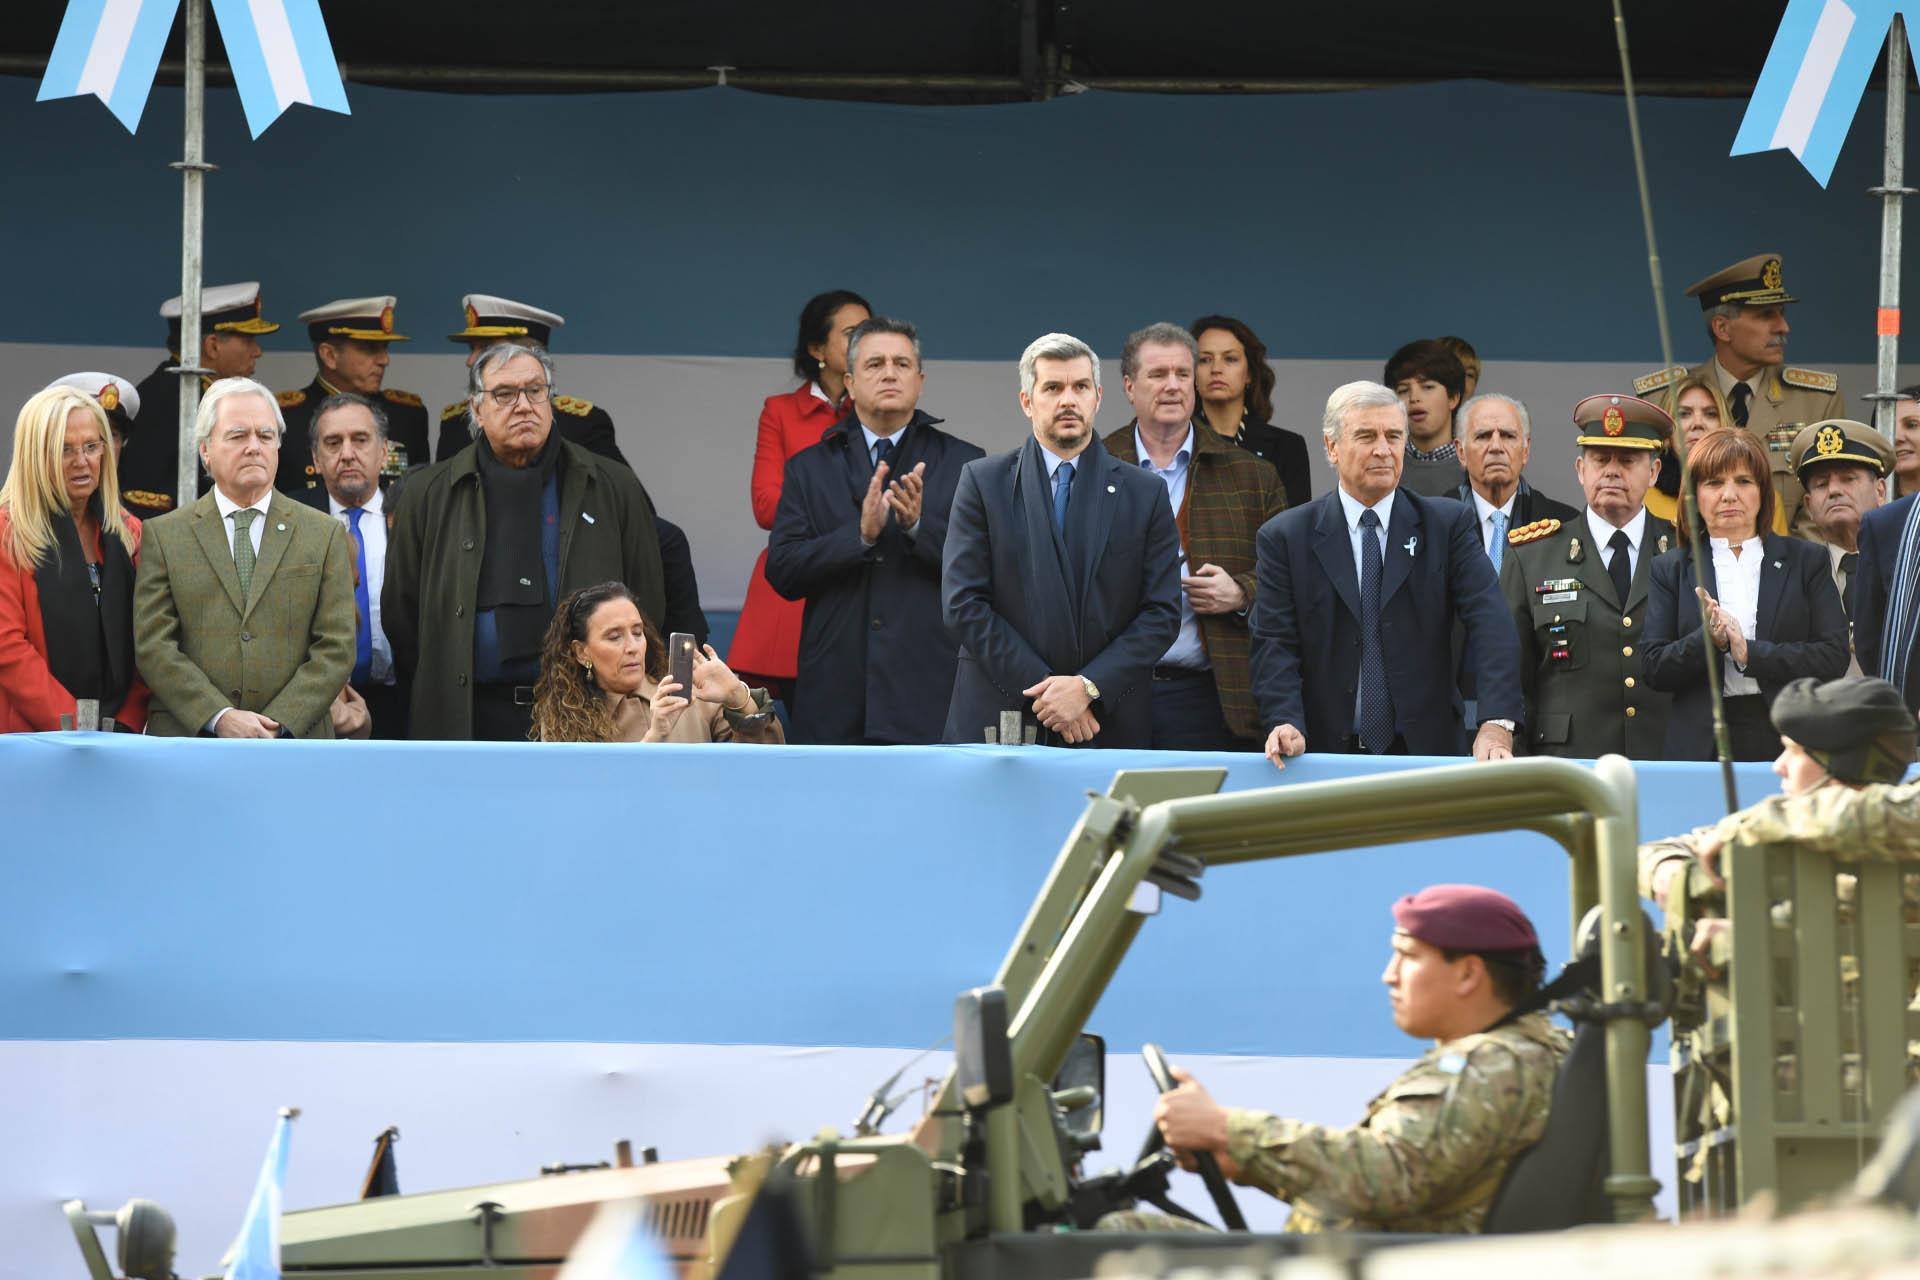 En el palco presidencial se ubicaron los principales ministros del gobierno nacional